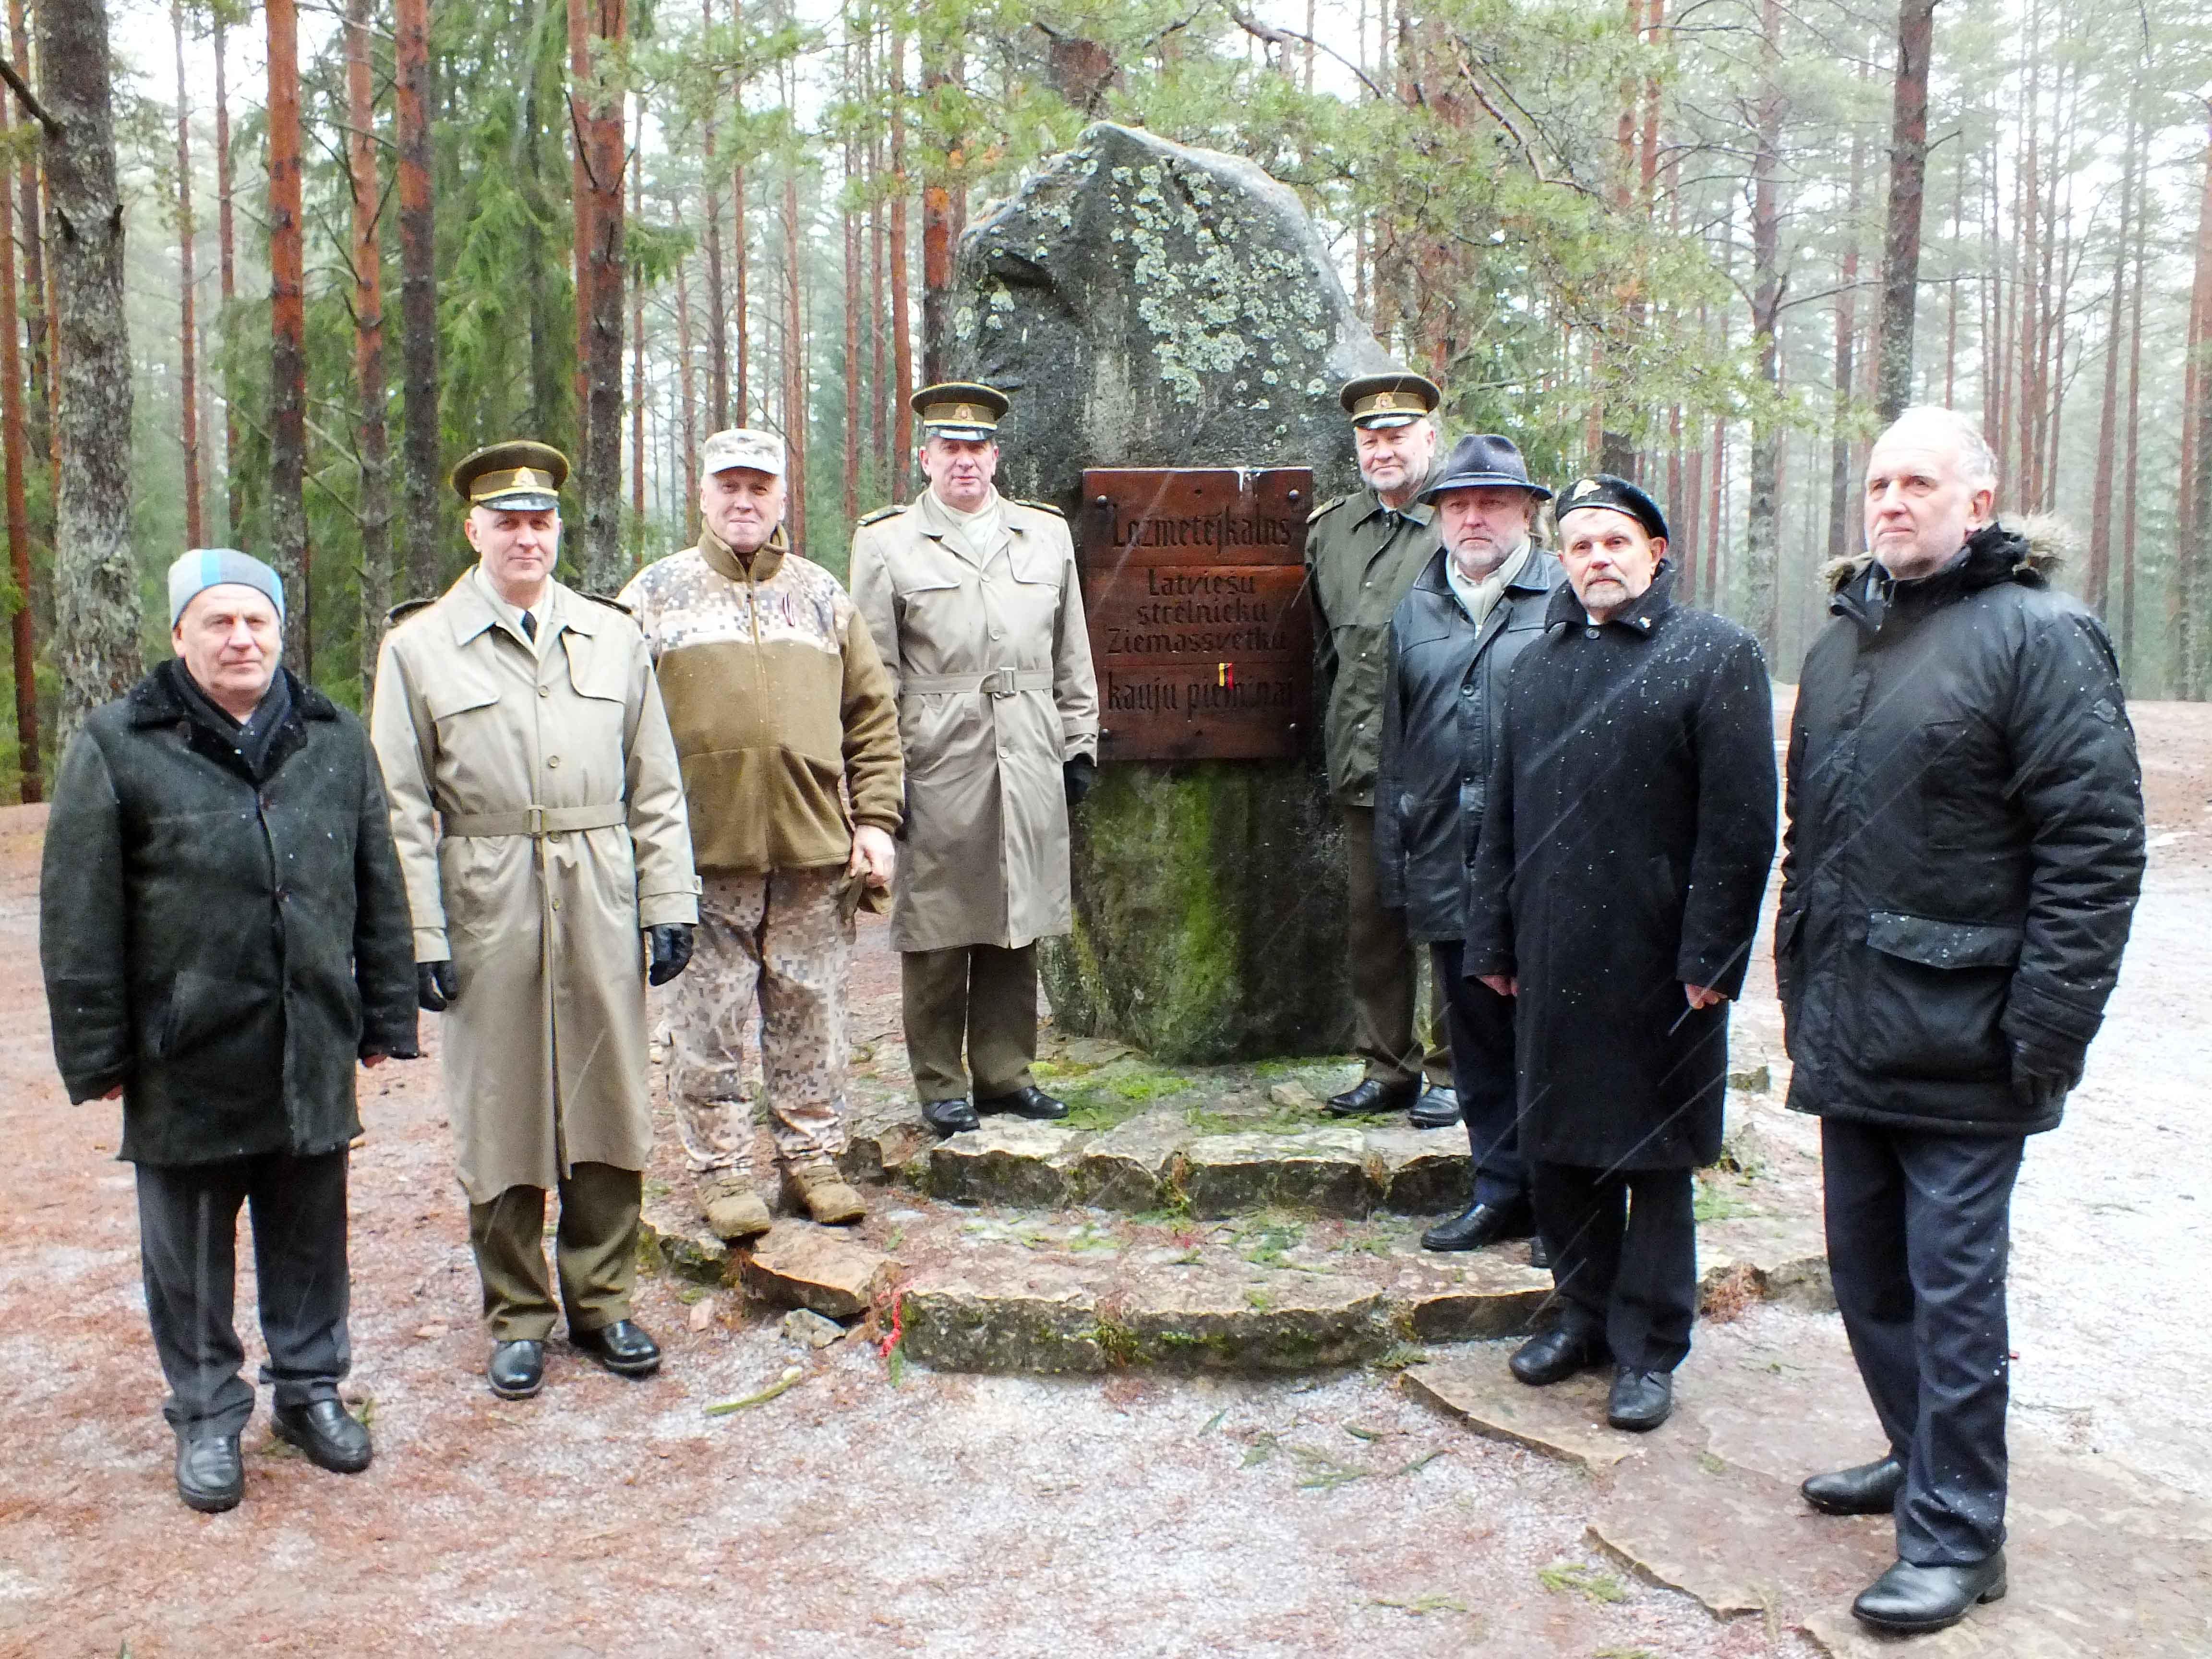 Prie atminimo akmens Latvijos šauliams atminti, Kulkosvaidininkų kalva | P. Šimkavičiaus nuotr.